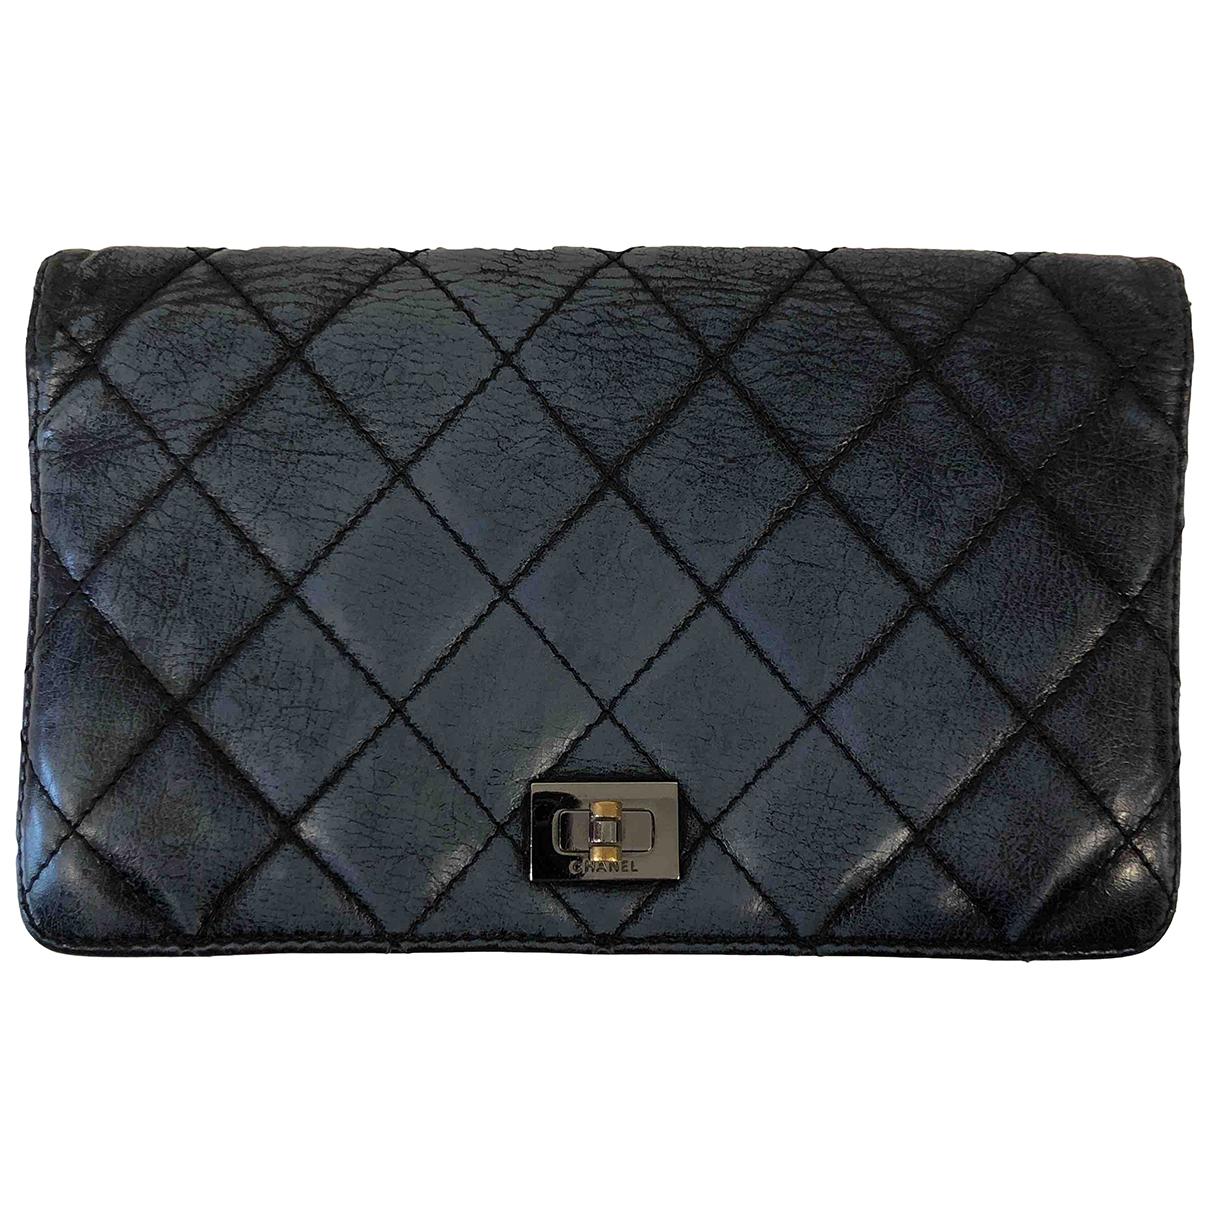 Chanel - Portefeuille 2.55 pour femme en cuir - marine